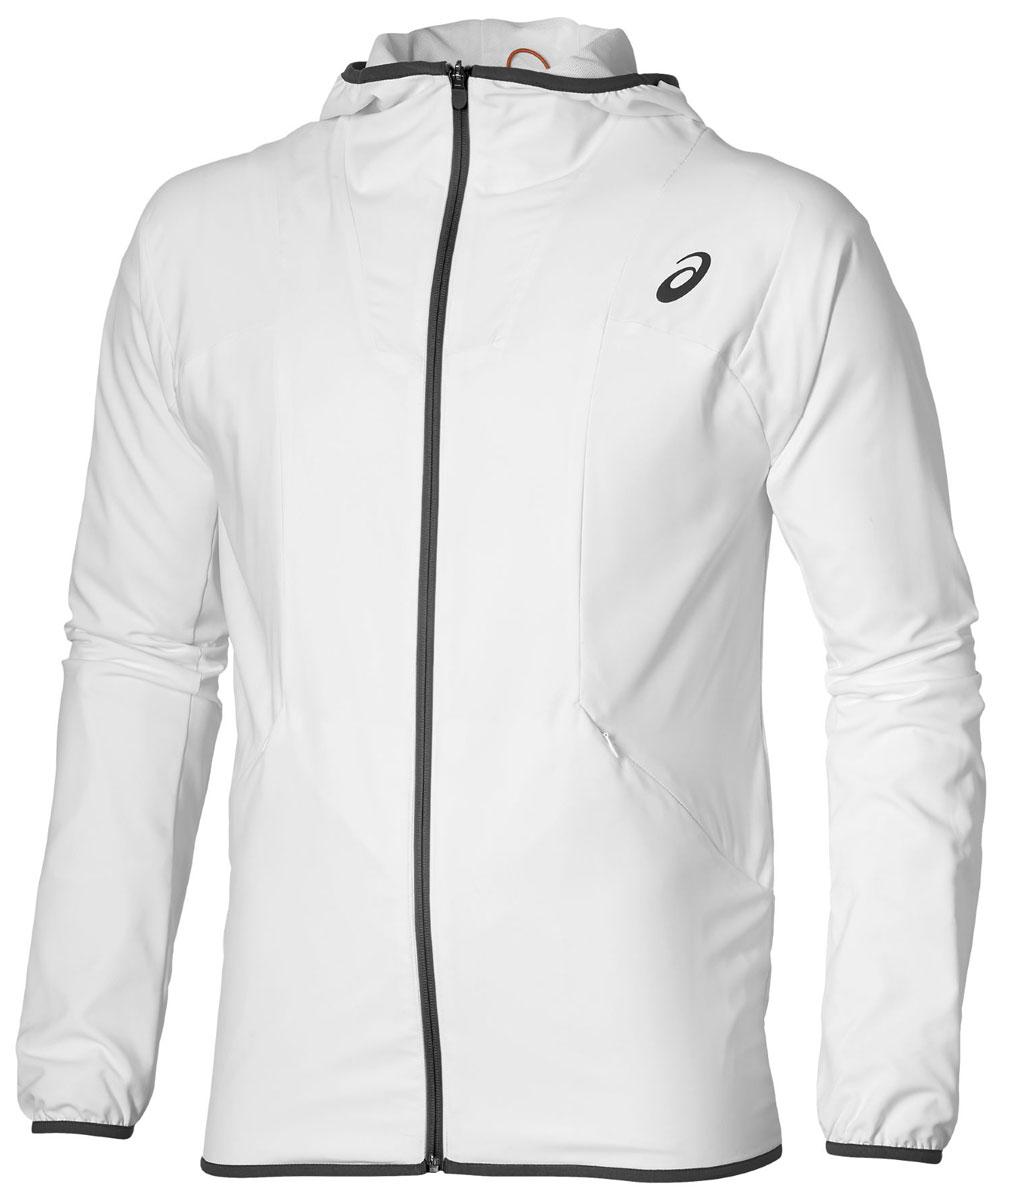 Ветровка134645-0001Классическая куртка прекрасно подойдет для разогрева перед матчем или тренировки в уюте и тепле. Влагостойкая ткань сохраняет сухость и комфорт и защищает от воздействия ультрафиолета. Выполните несколько пробных ударов в куртке, в которой легко двигаться, подавать и принимать мячи. Эргономичный дизайн и простроченные вставки выглядят очень стильно. Комфортная температура тела благодаря дышащим сетчатым вставкам и системе влагоотведения Свобода движений благодаря особому крою курткиВсе мелочи в безопасности в карманах на молнии